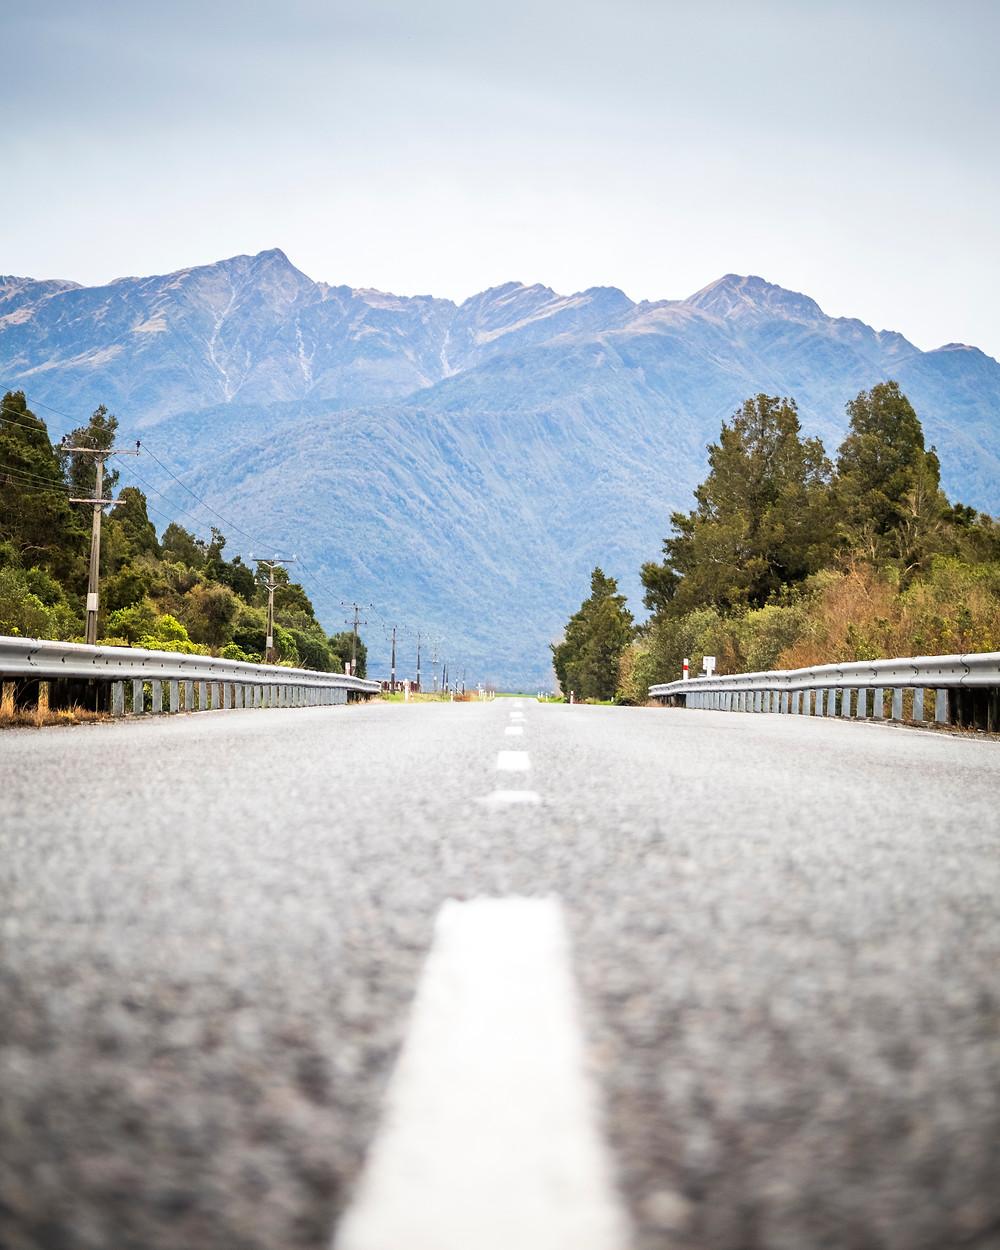 Mountains Near Franz Josef Glacier, South Island, New Zealand